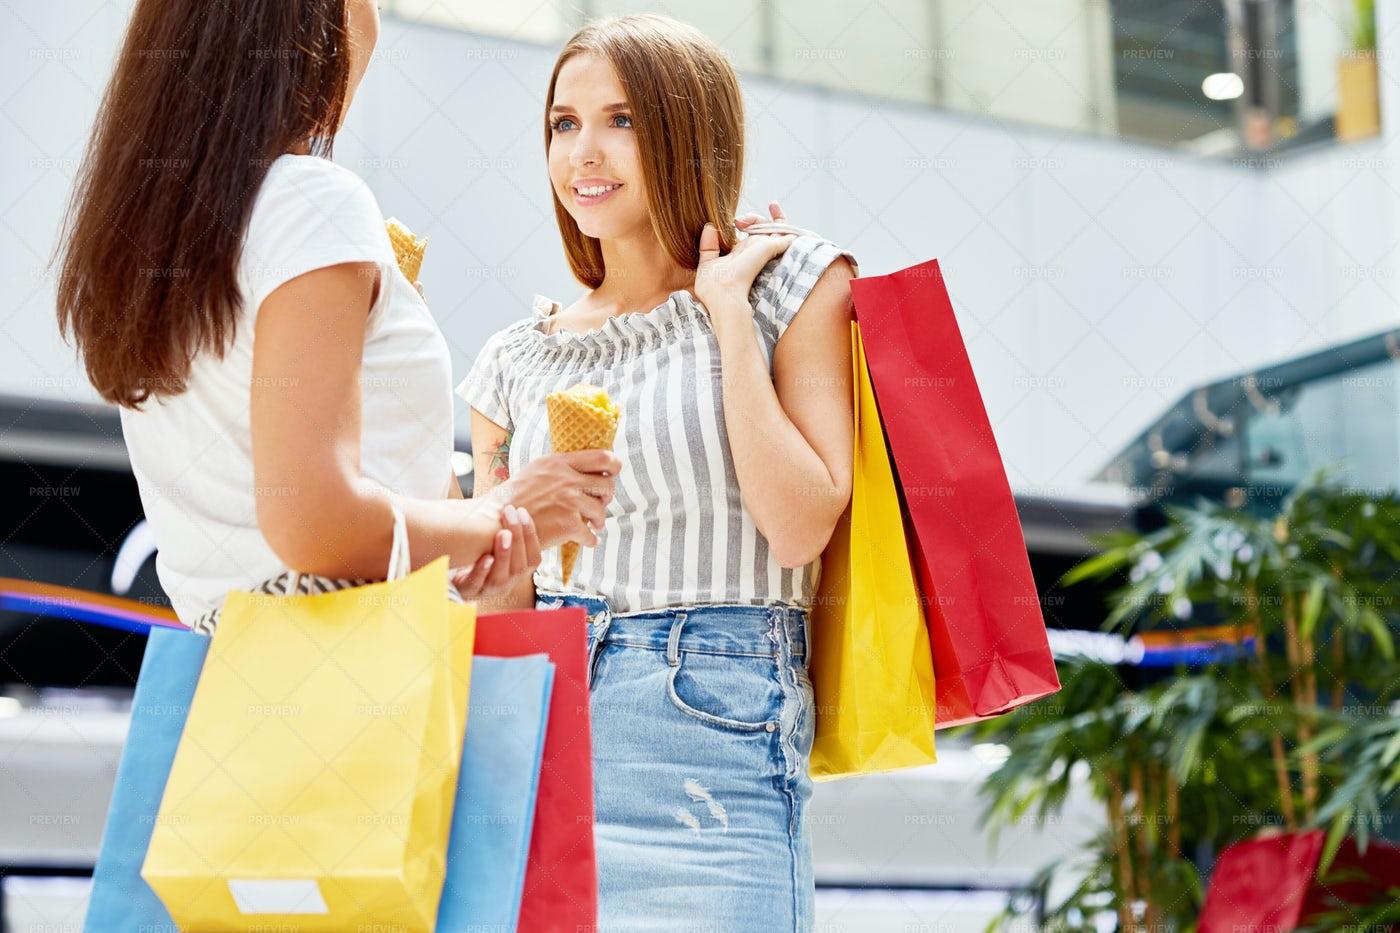 Beautiful Women Shopping In Mall: Stock Photos